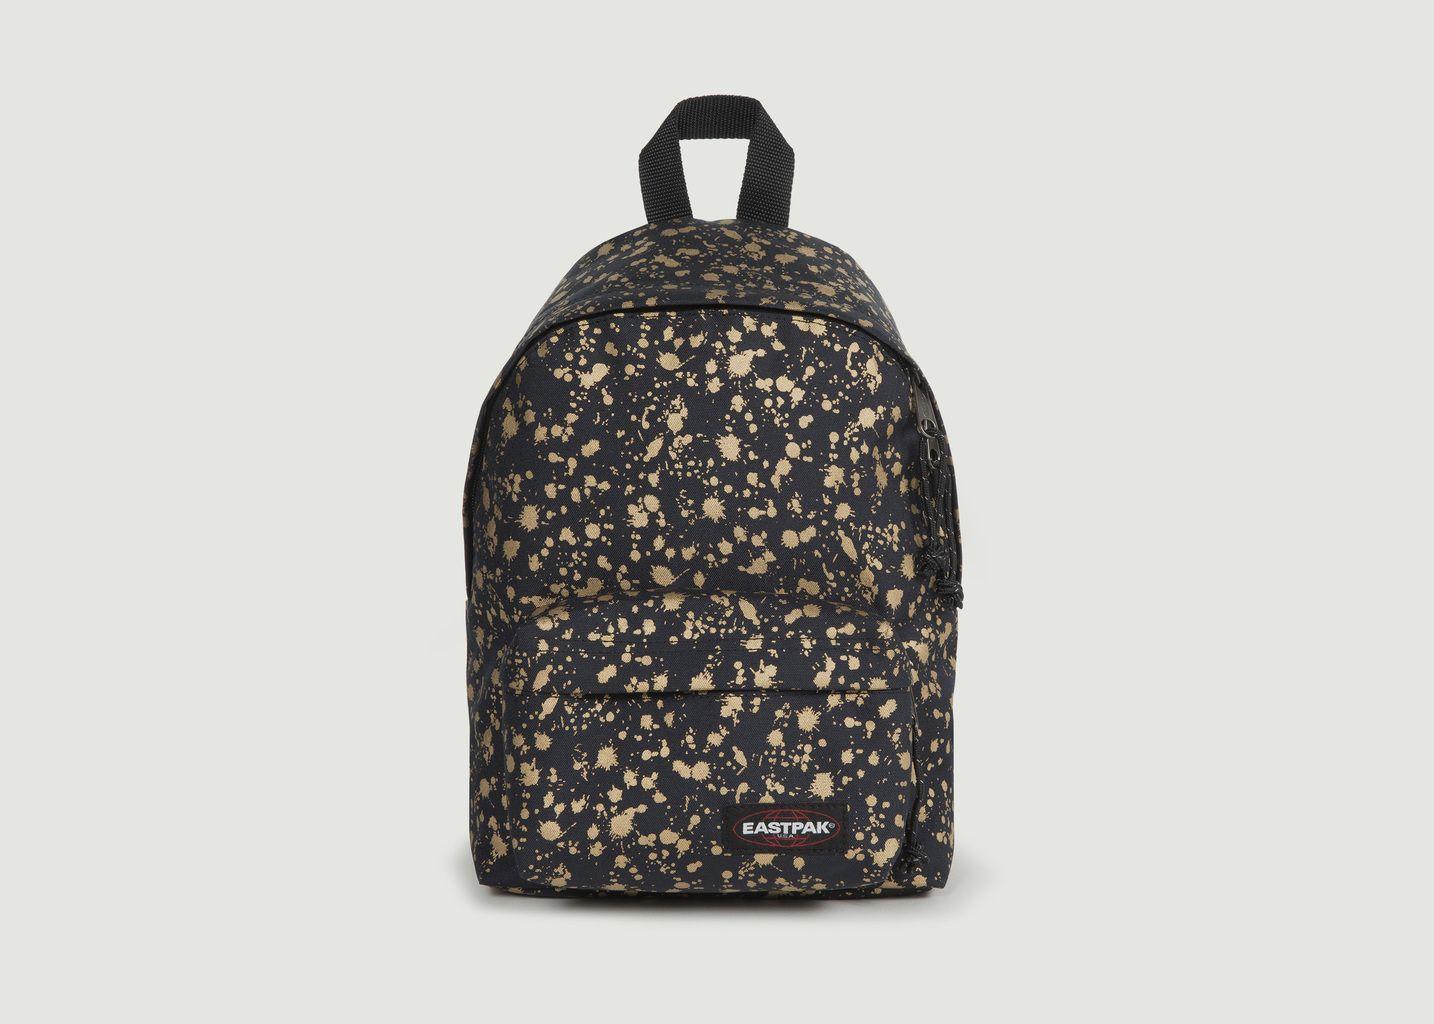 nowy styl jak kupić wyglądają dobrze wyprzedaż buty Orbit XS Backpack